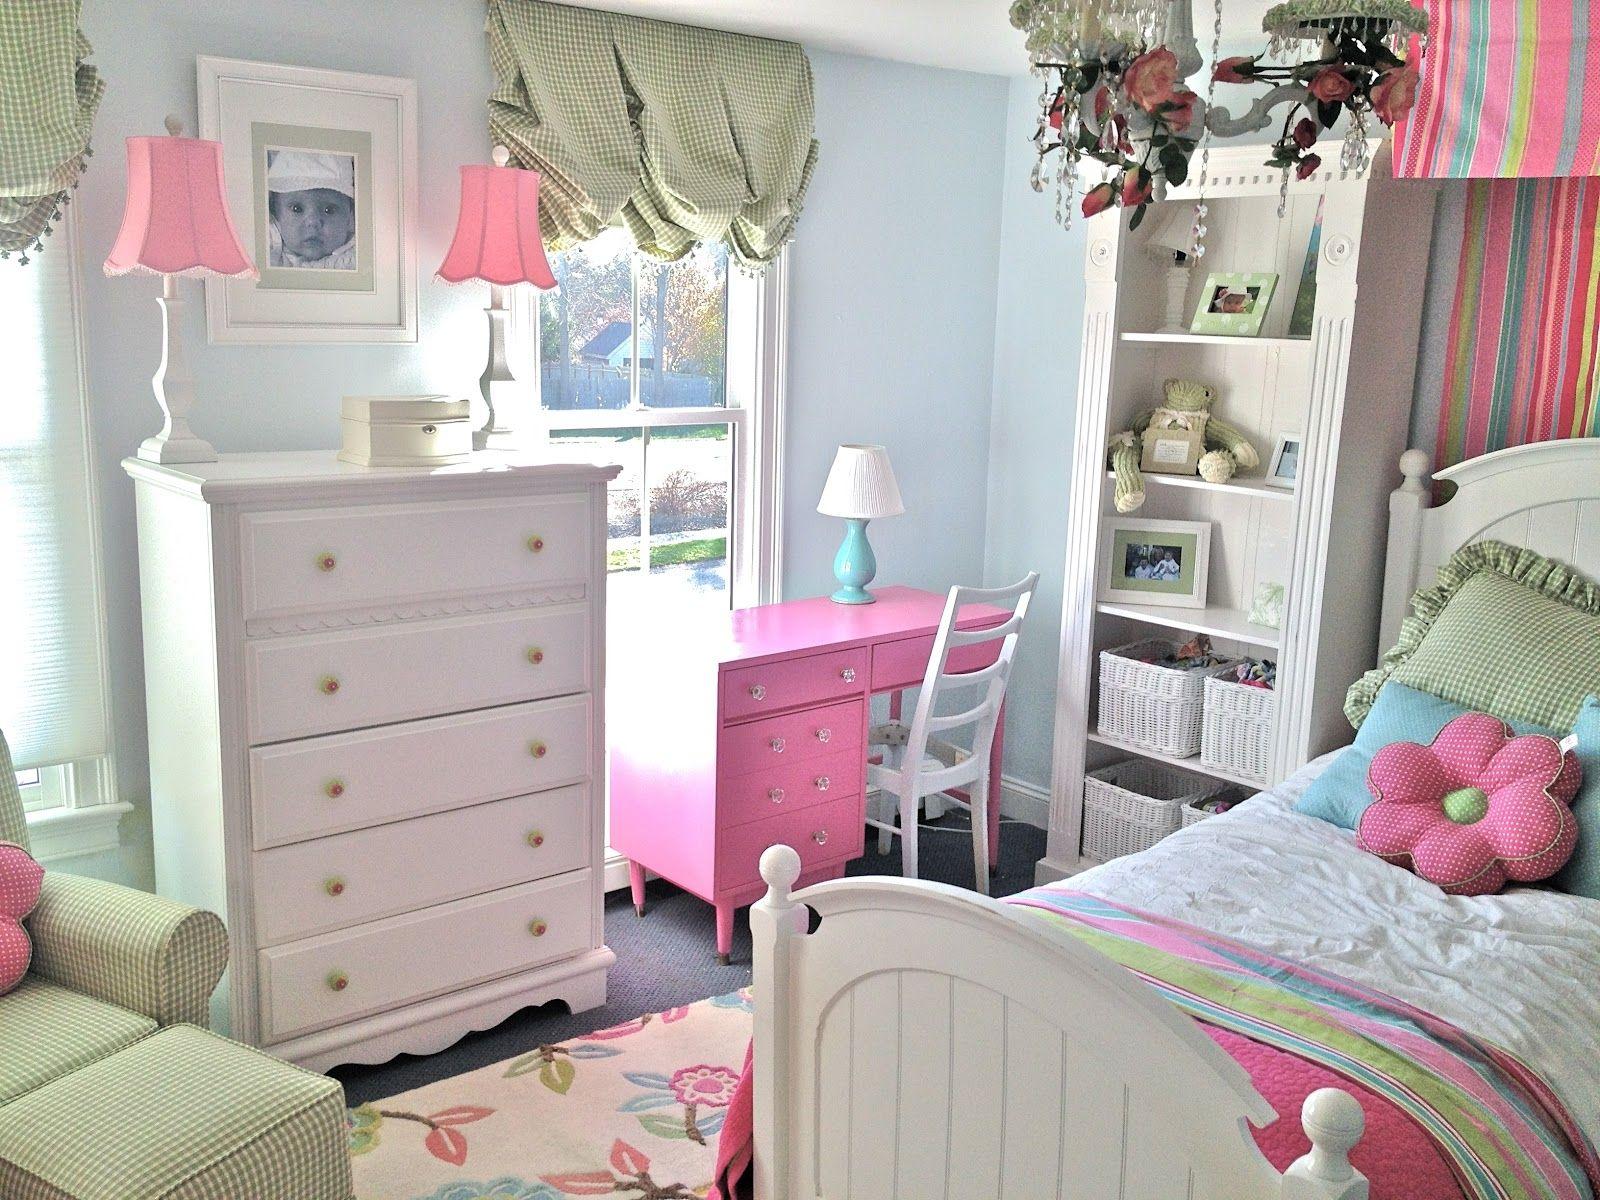 Bedroom For Girl Interior Design Bedroom Light Blue Wall Paint Pink Desk Lamp On White Drawer